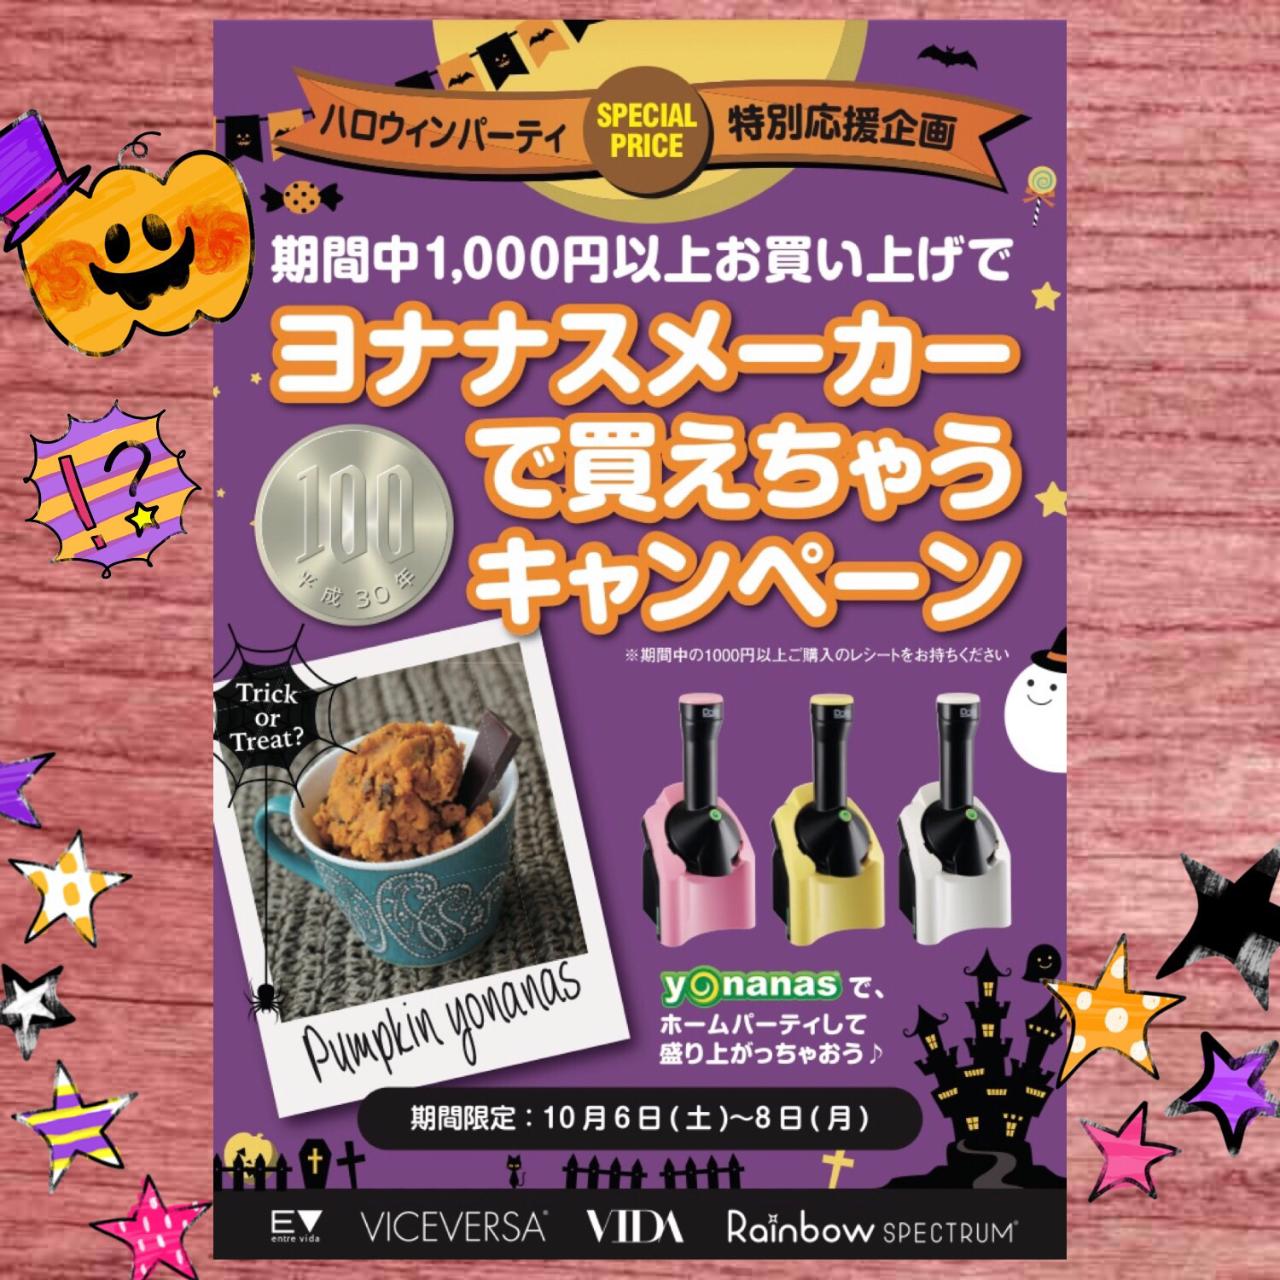 「100円で買えちゃうヨナナス! !」の写真